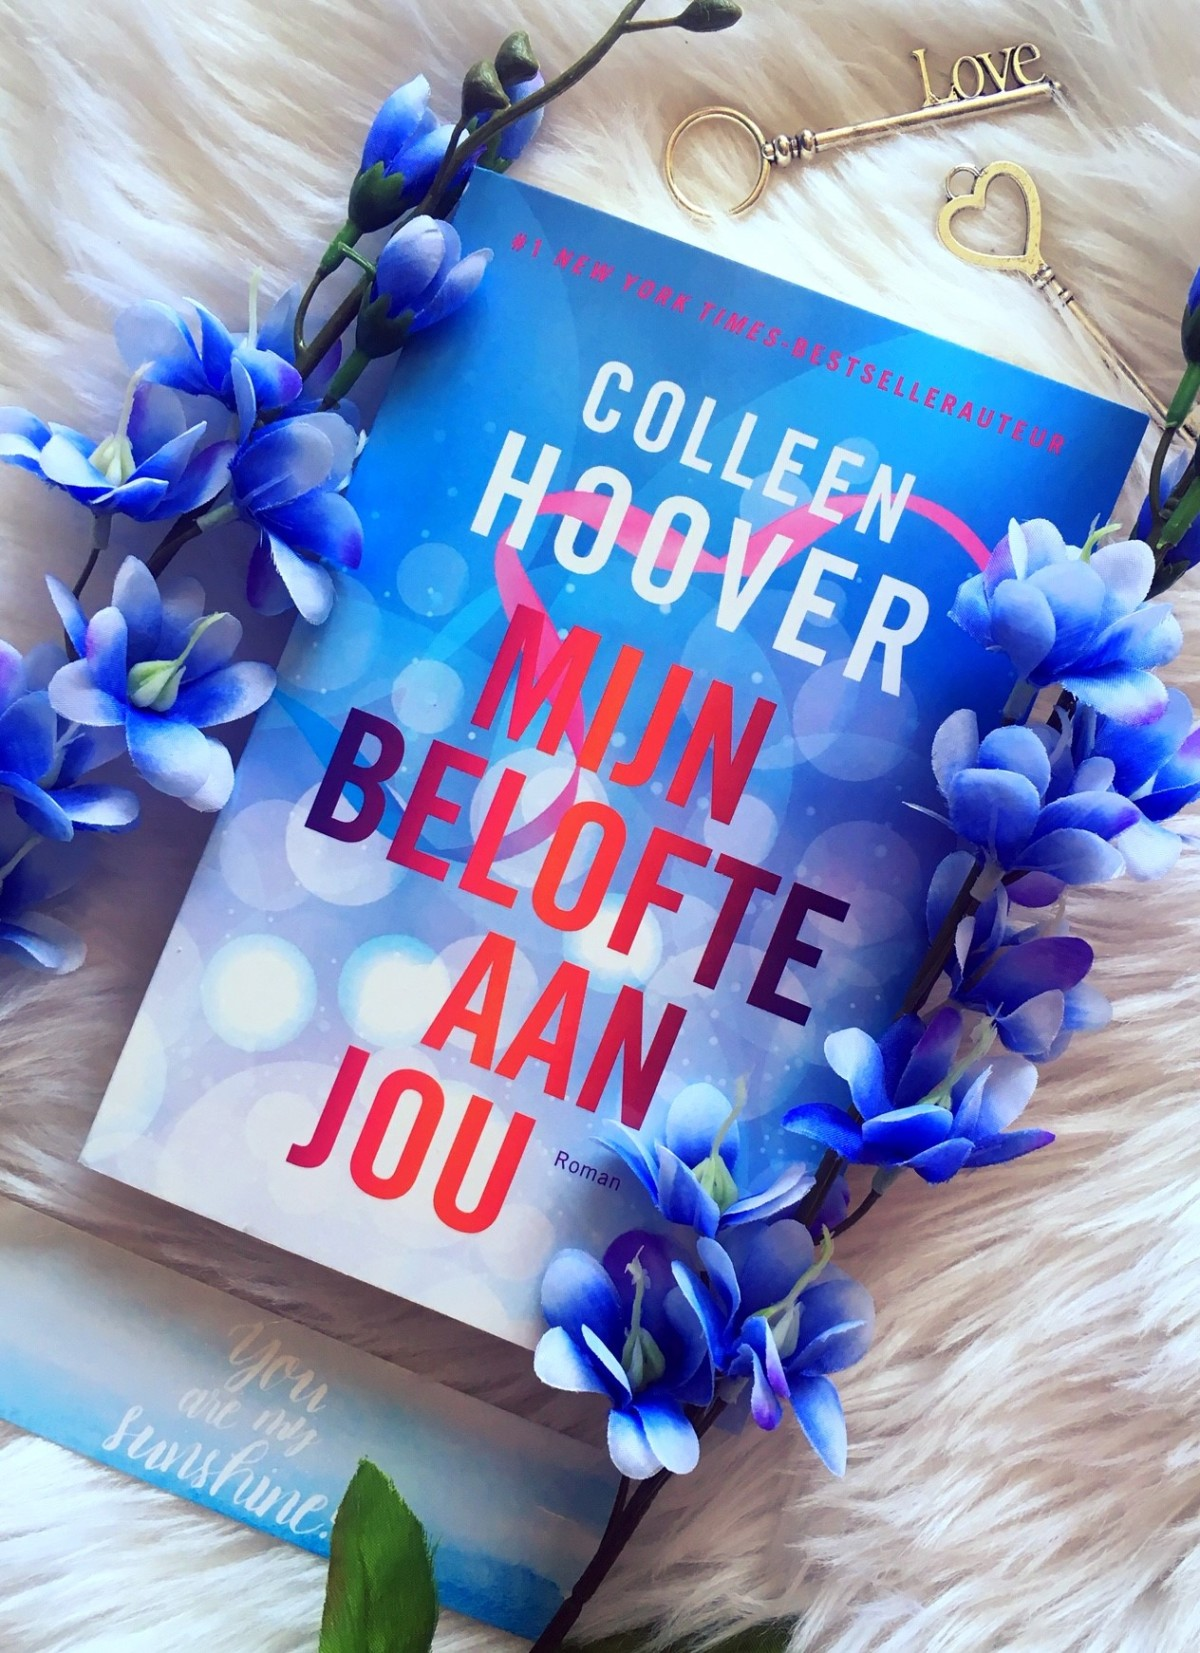 Mijn belofte aan jou – ColleenHoover